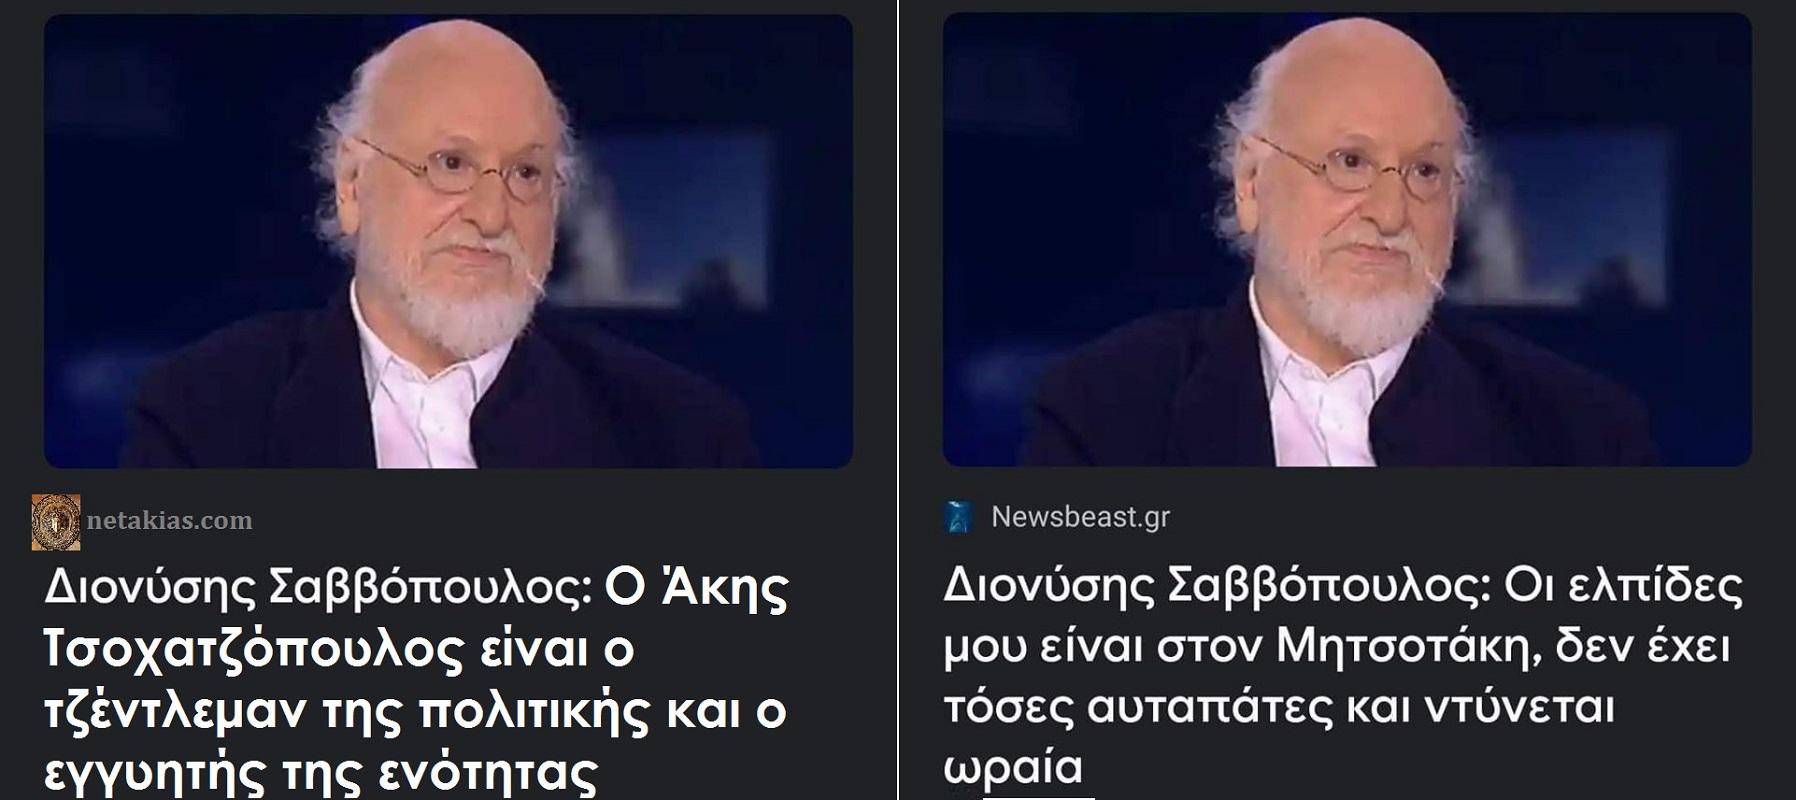 Ο Σαββόπουλος ελπίζει σε πολιτικούς όπως ο Ακης Τσοχατζόπουλος κι ο Κυριάκος Μητσοτάκης [BINTEO]